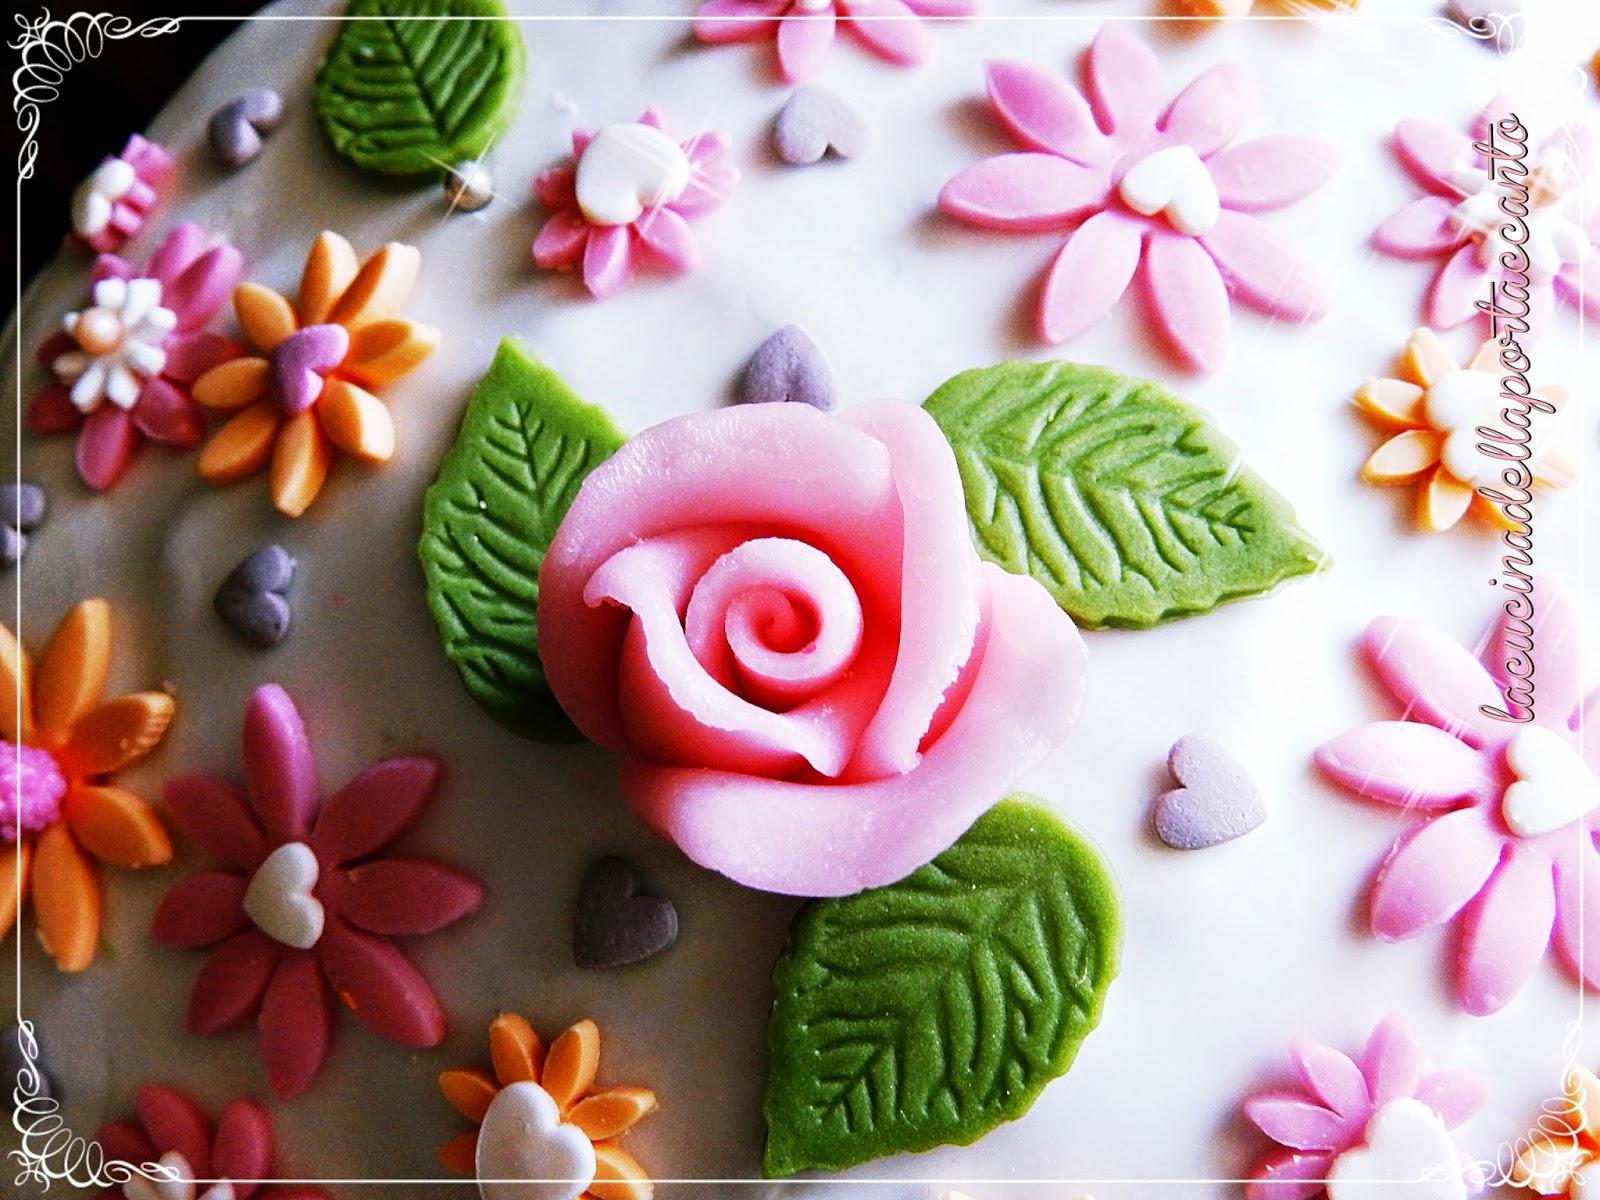 torta fiorita in pasta di zucchero /  floral cake sugar paste